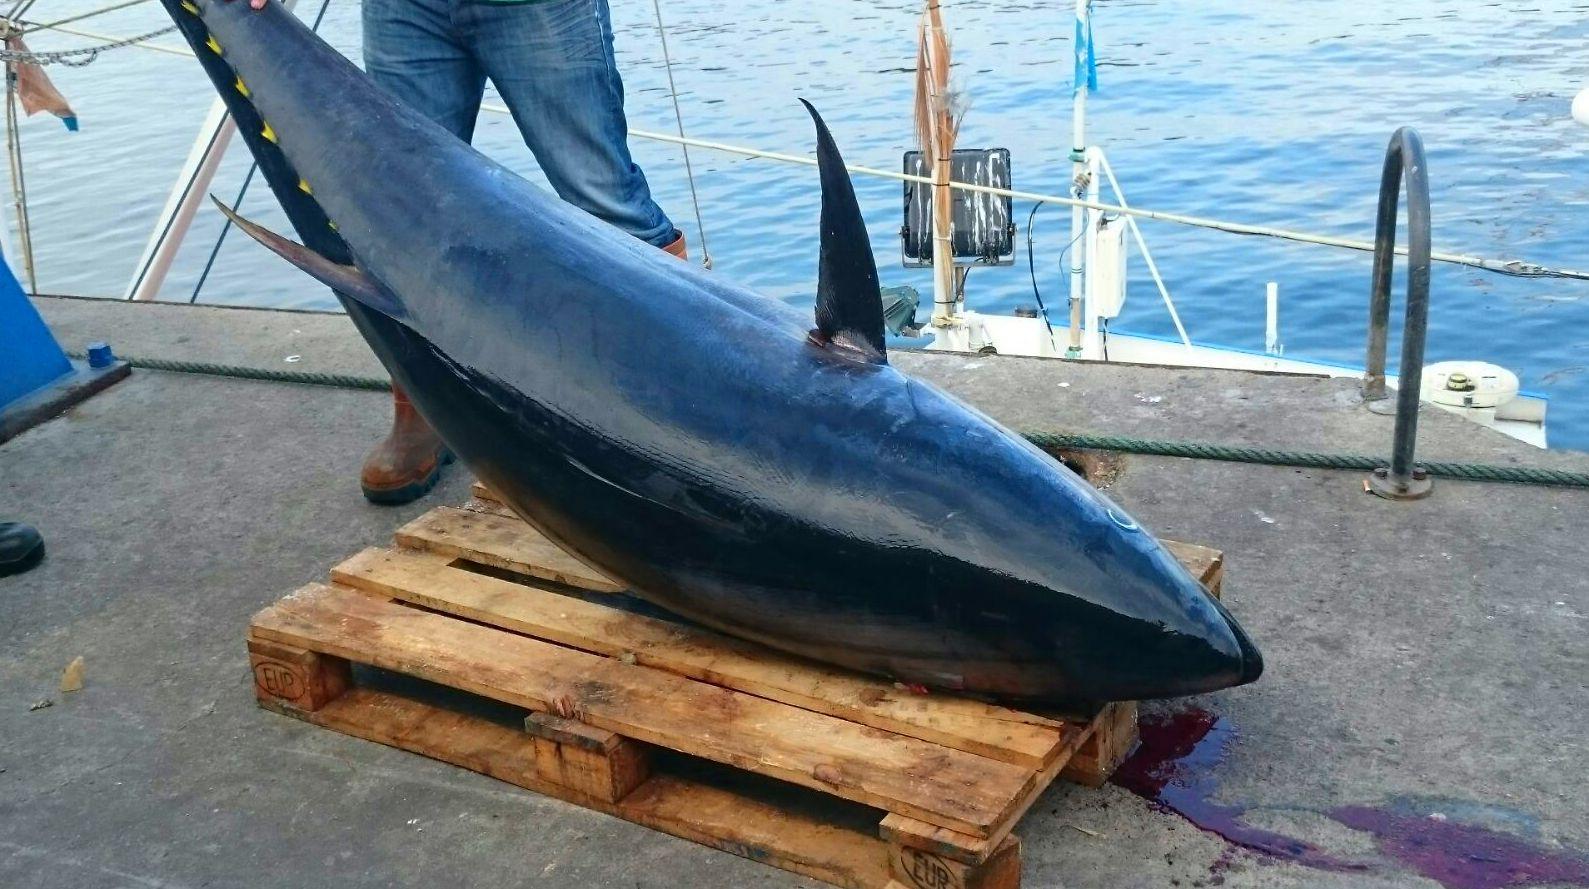 Foto 71 de Venta y distribución de pescados y mariscos del Cantábrico en Gijón | Pescastur